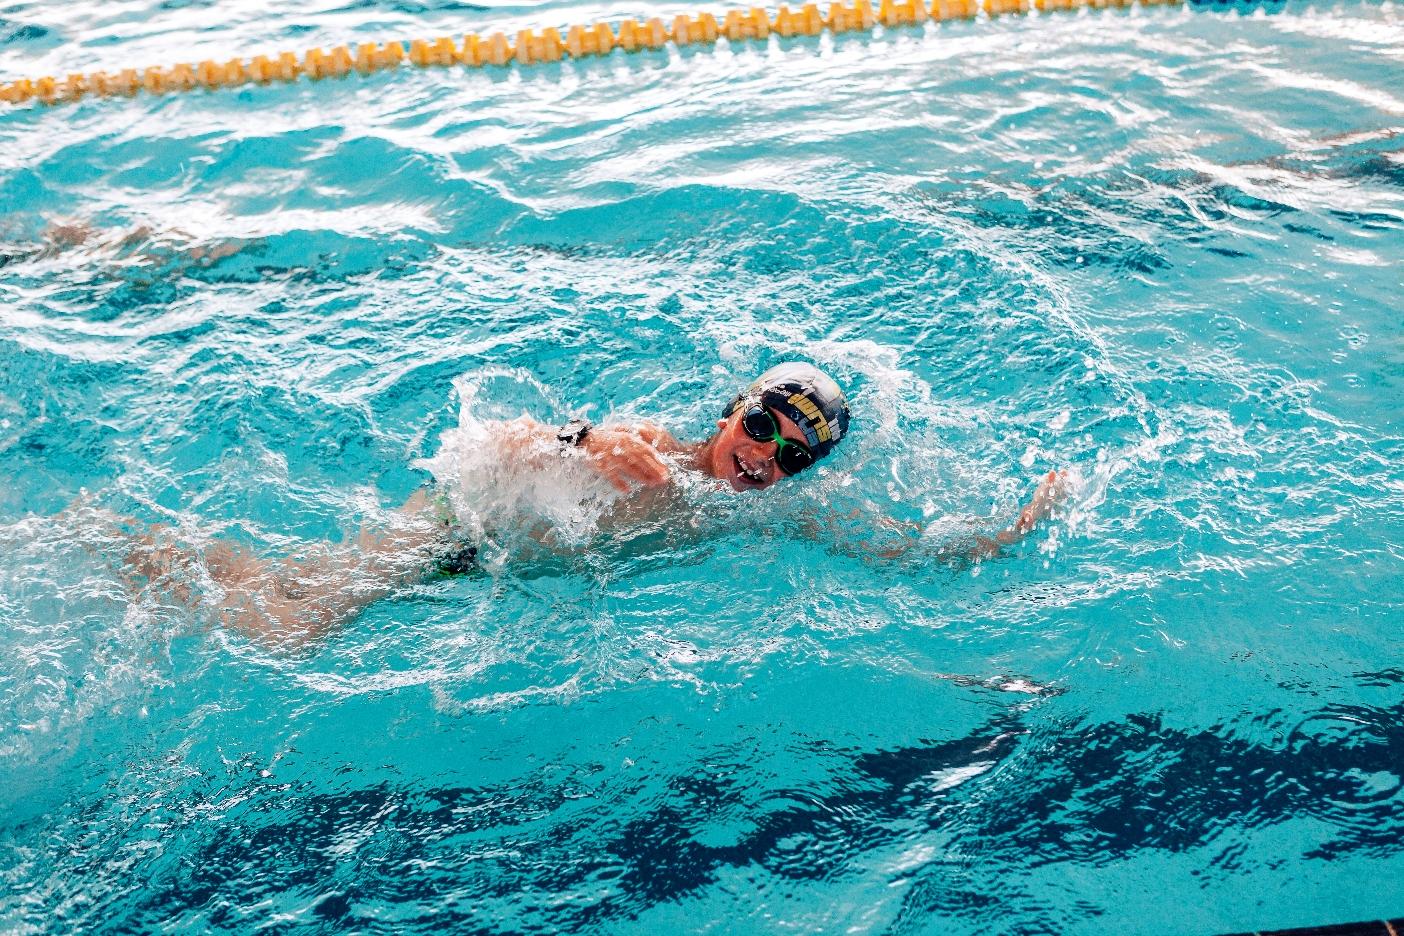 Campus d'anglès i natació sincronitzada i cursos de natació, propostes de la Piscina de Roses per a l'estiu